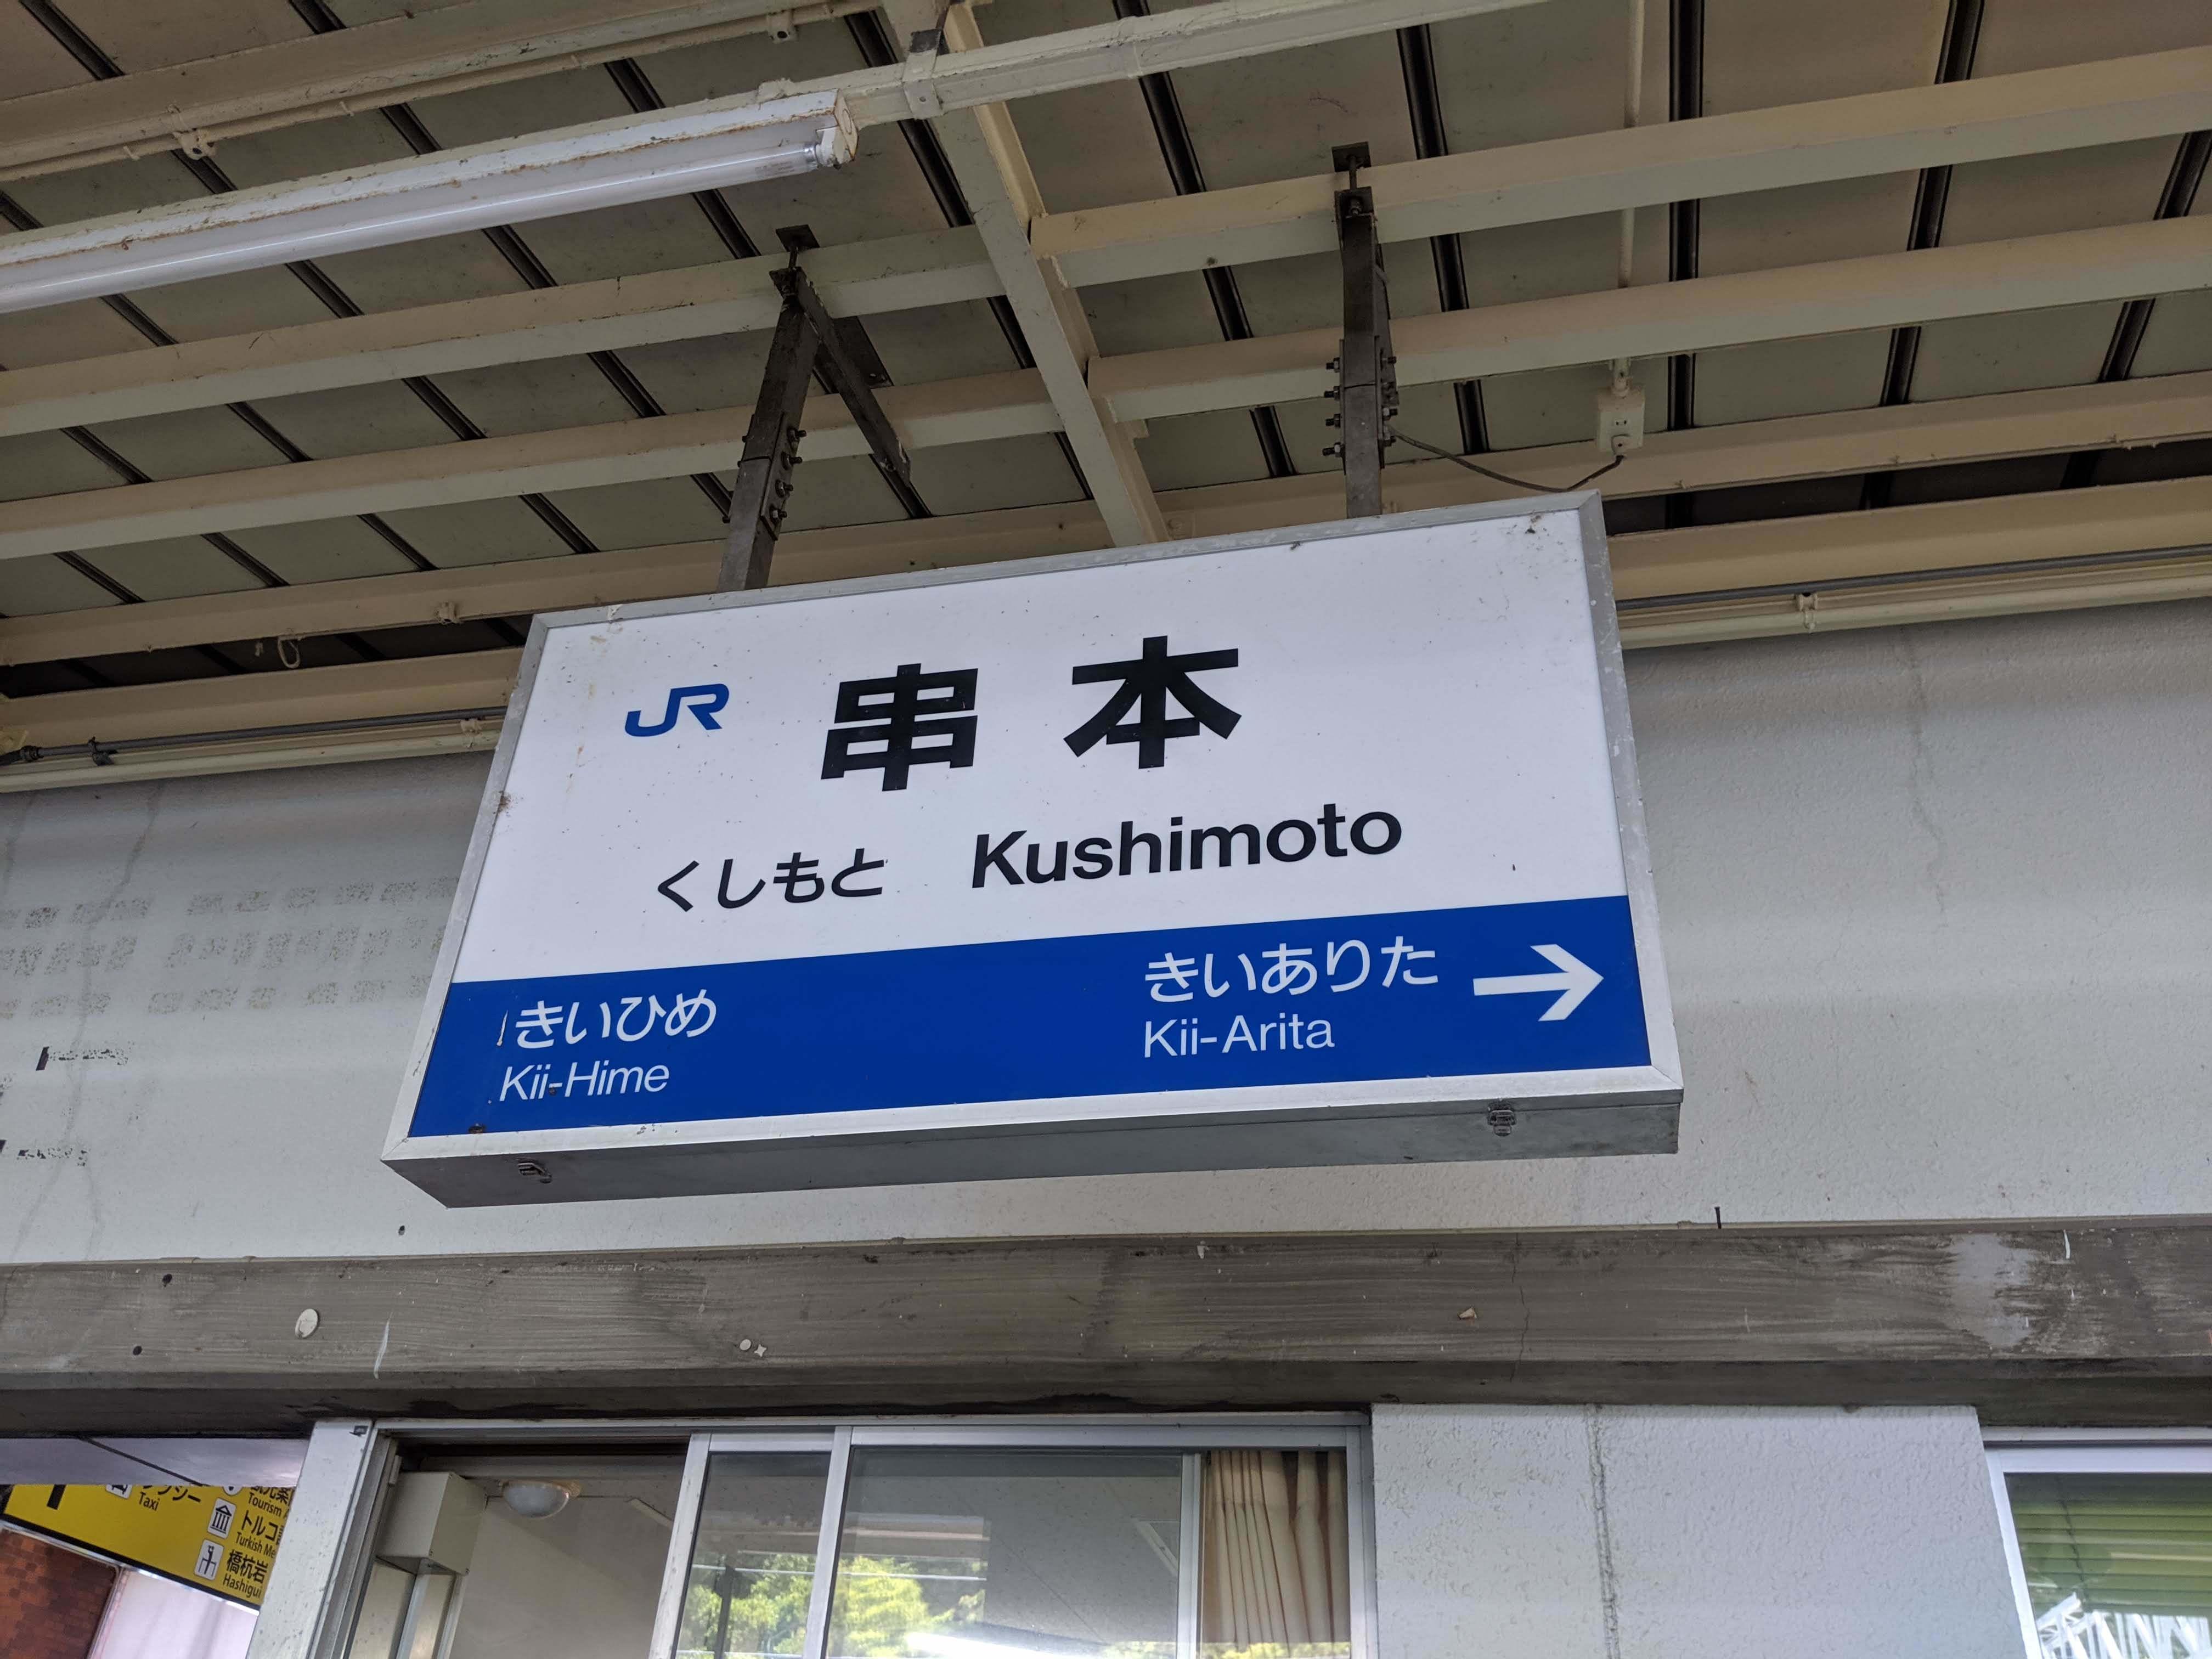 大型鉄道旅2019夏ー1_a0329563_23125674.jpg